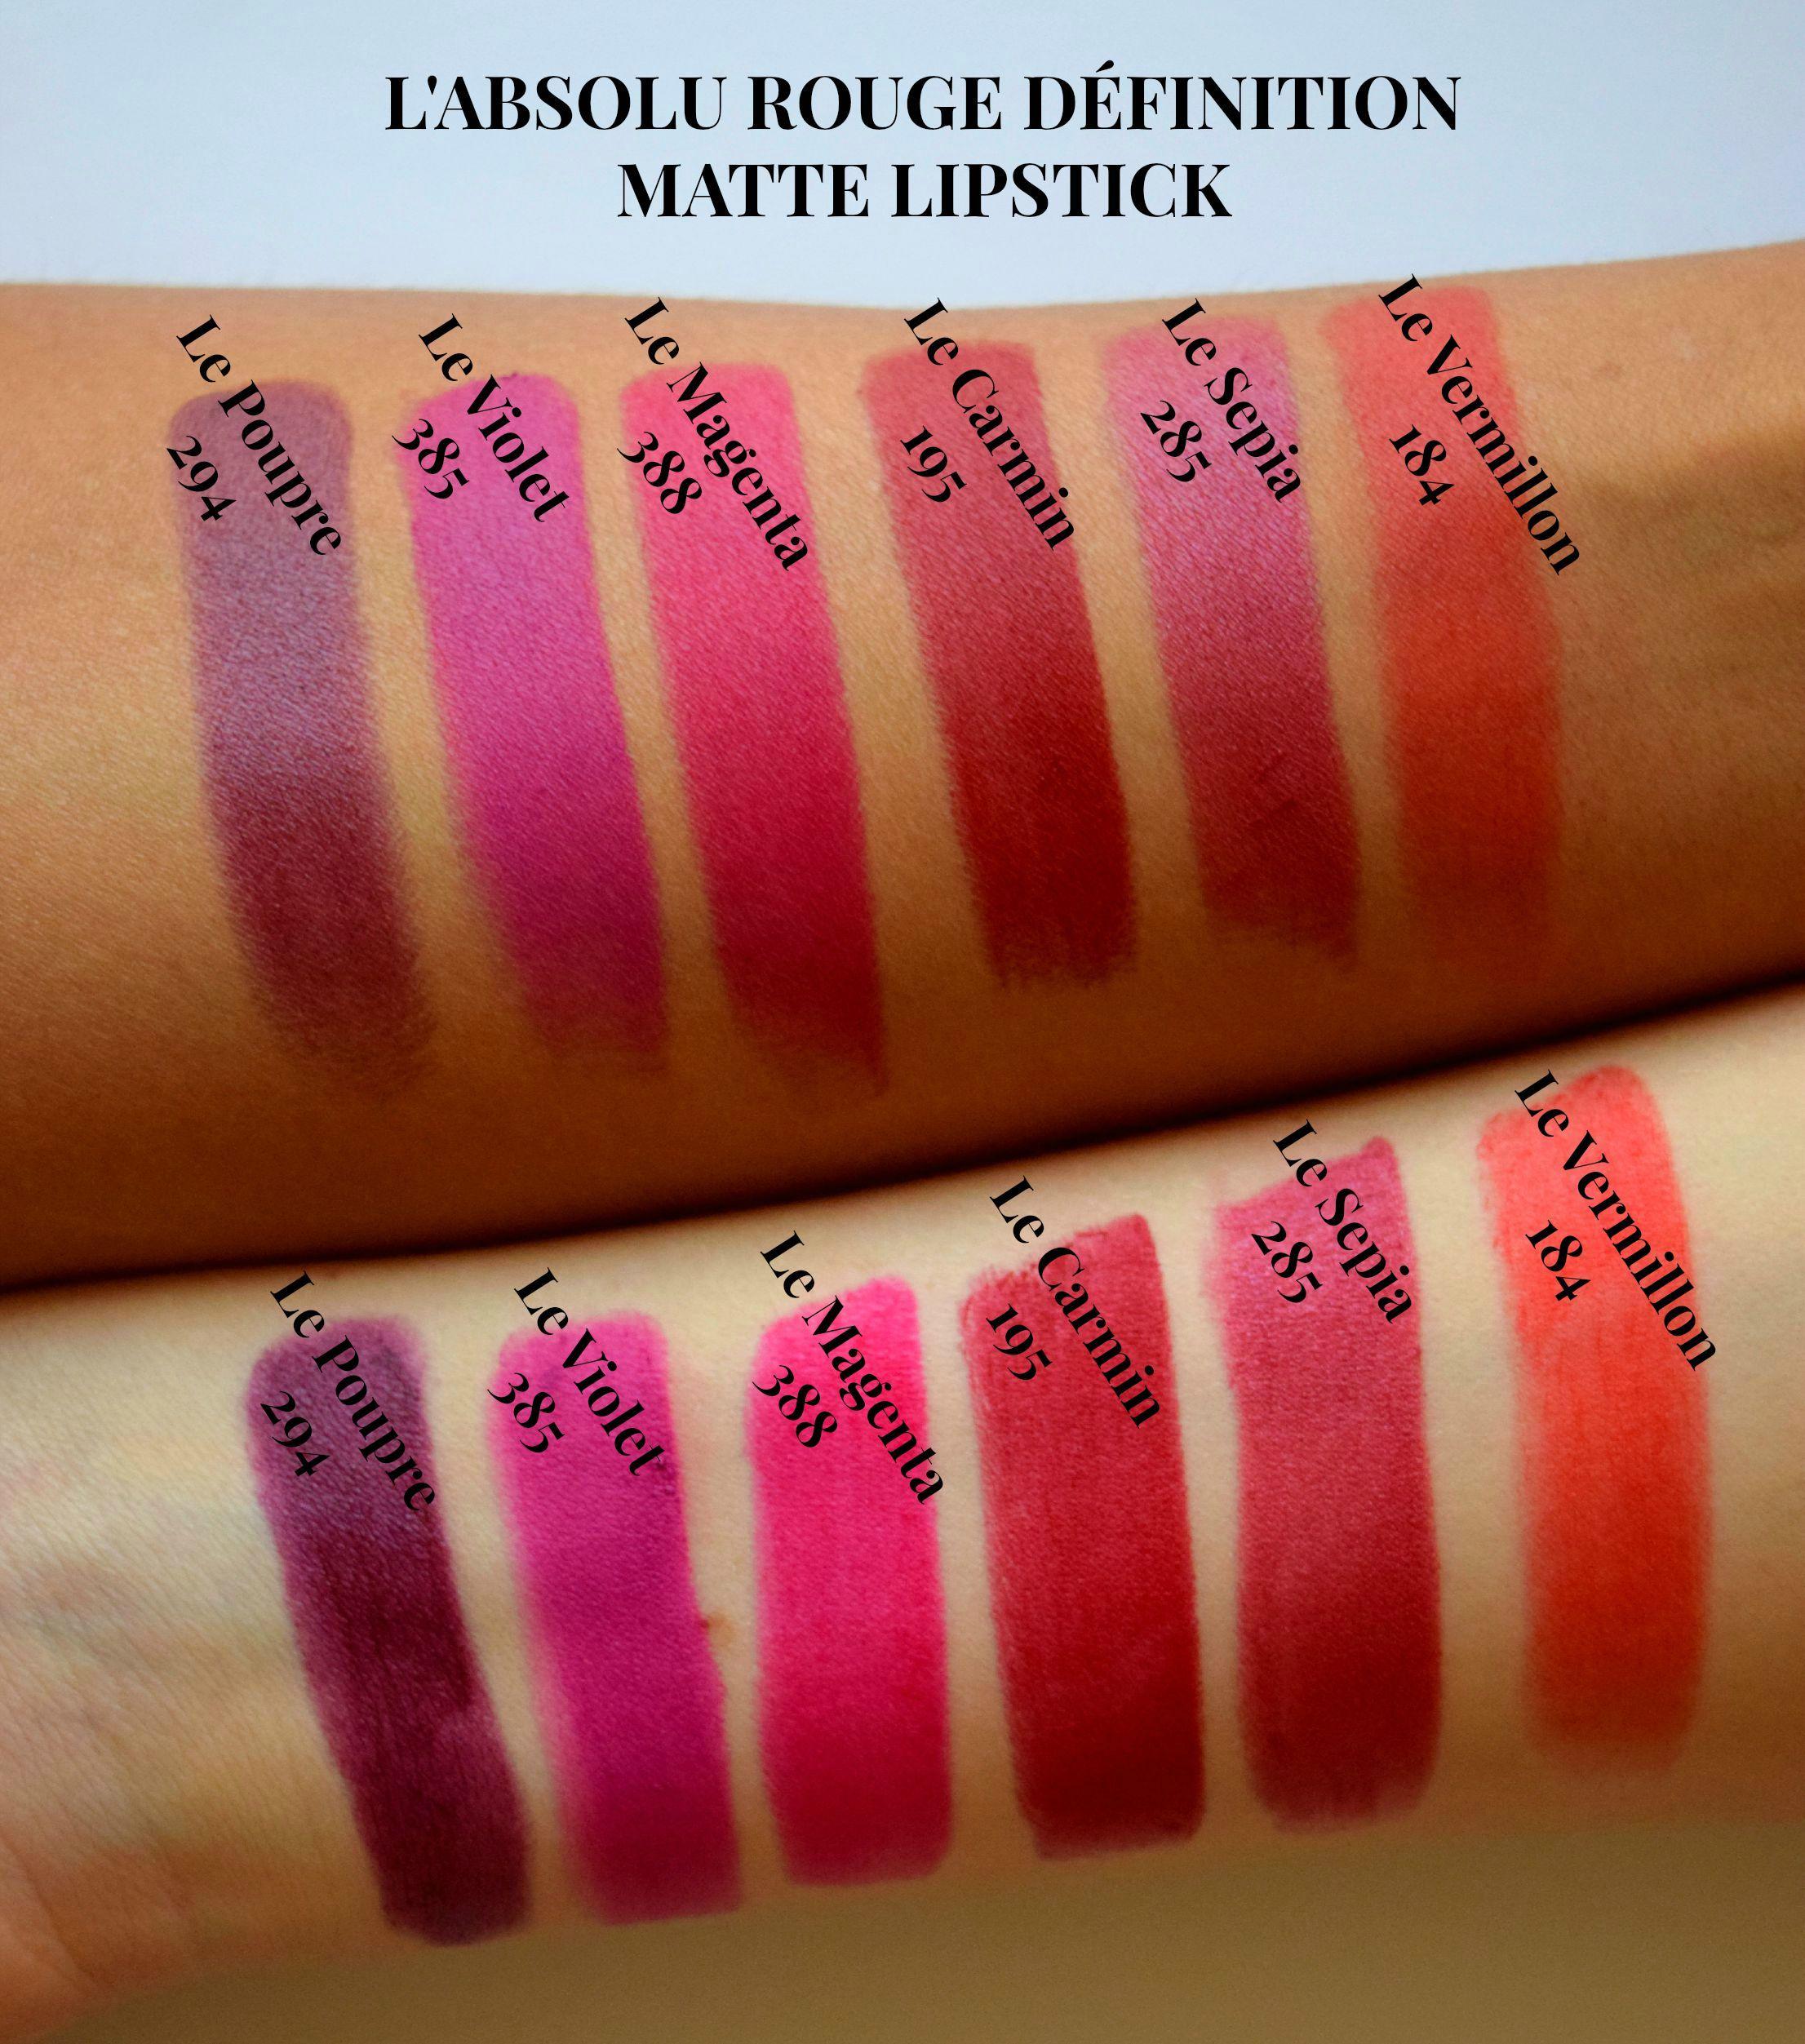 L'Absolu Rouge La Base Rosy Lip Balm & Primer by Lancôme #8